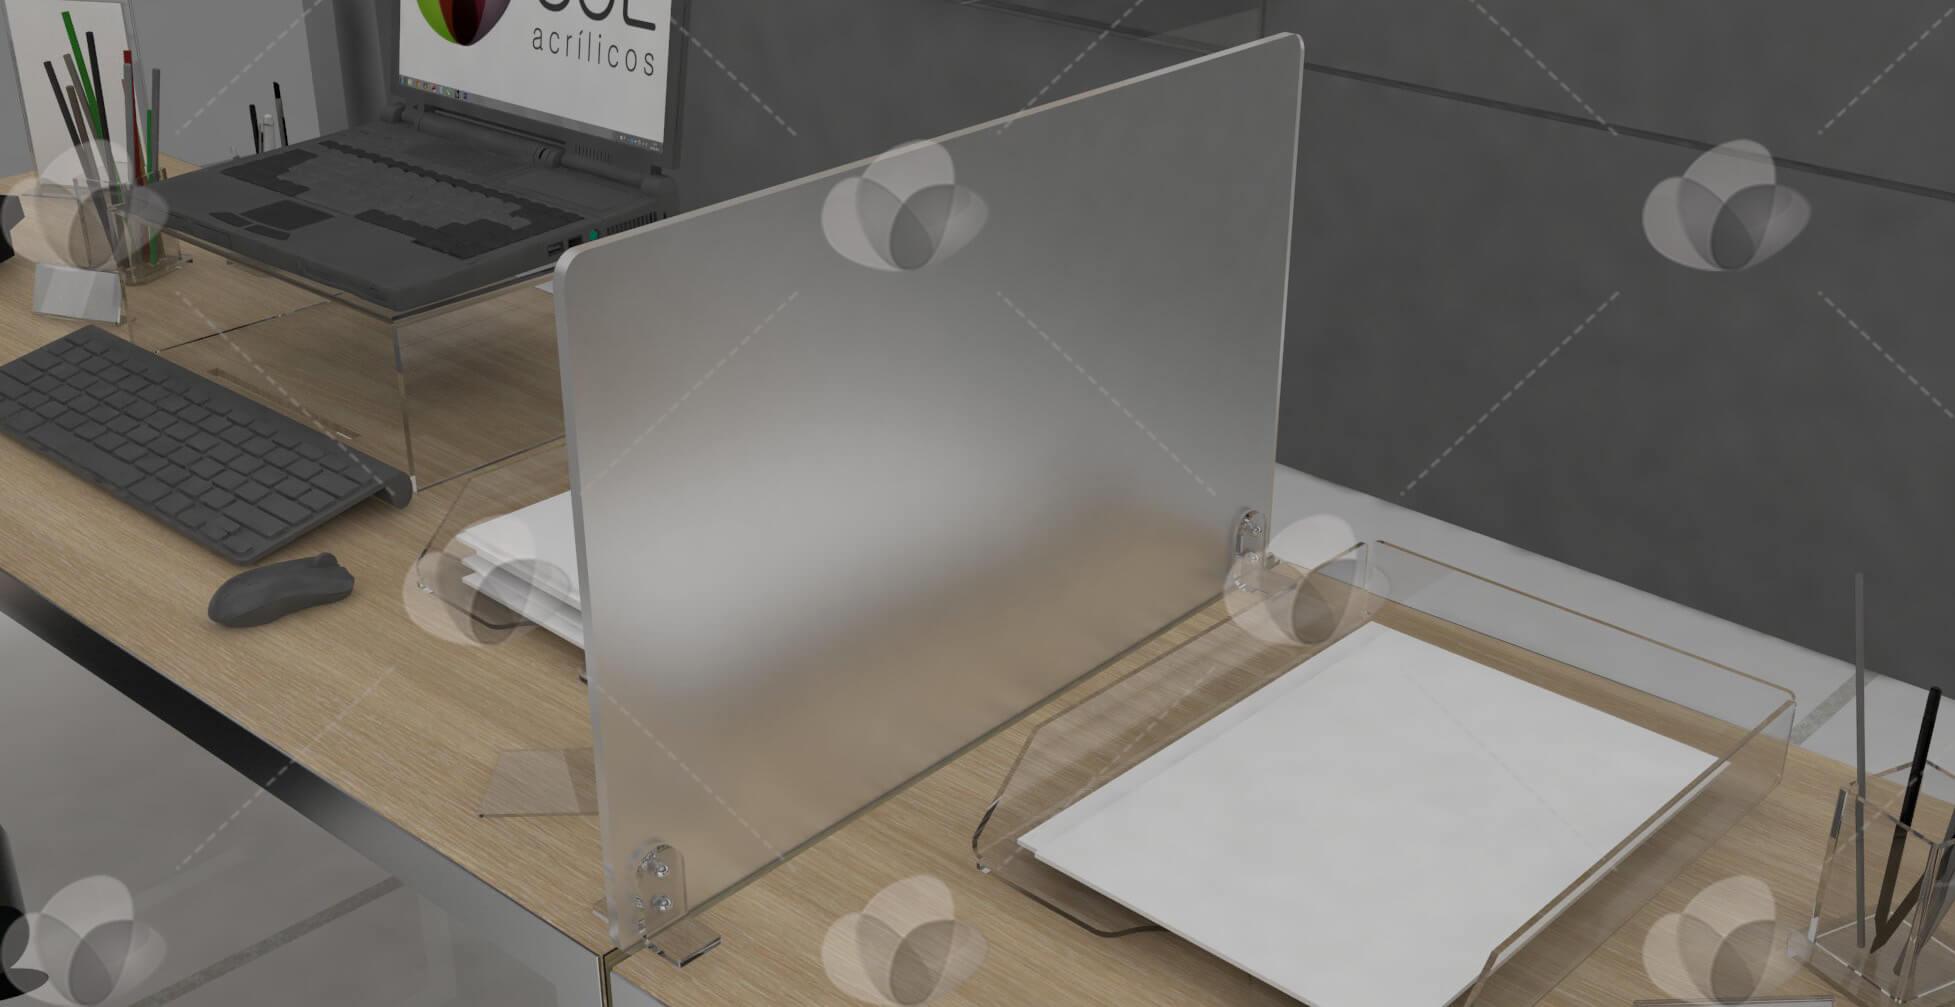 Divisória de ambientes feita em acrílico, para mesas de escritórios